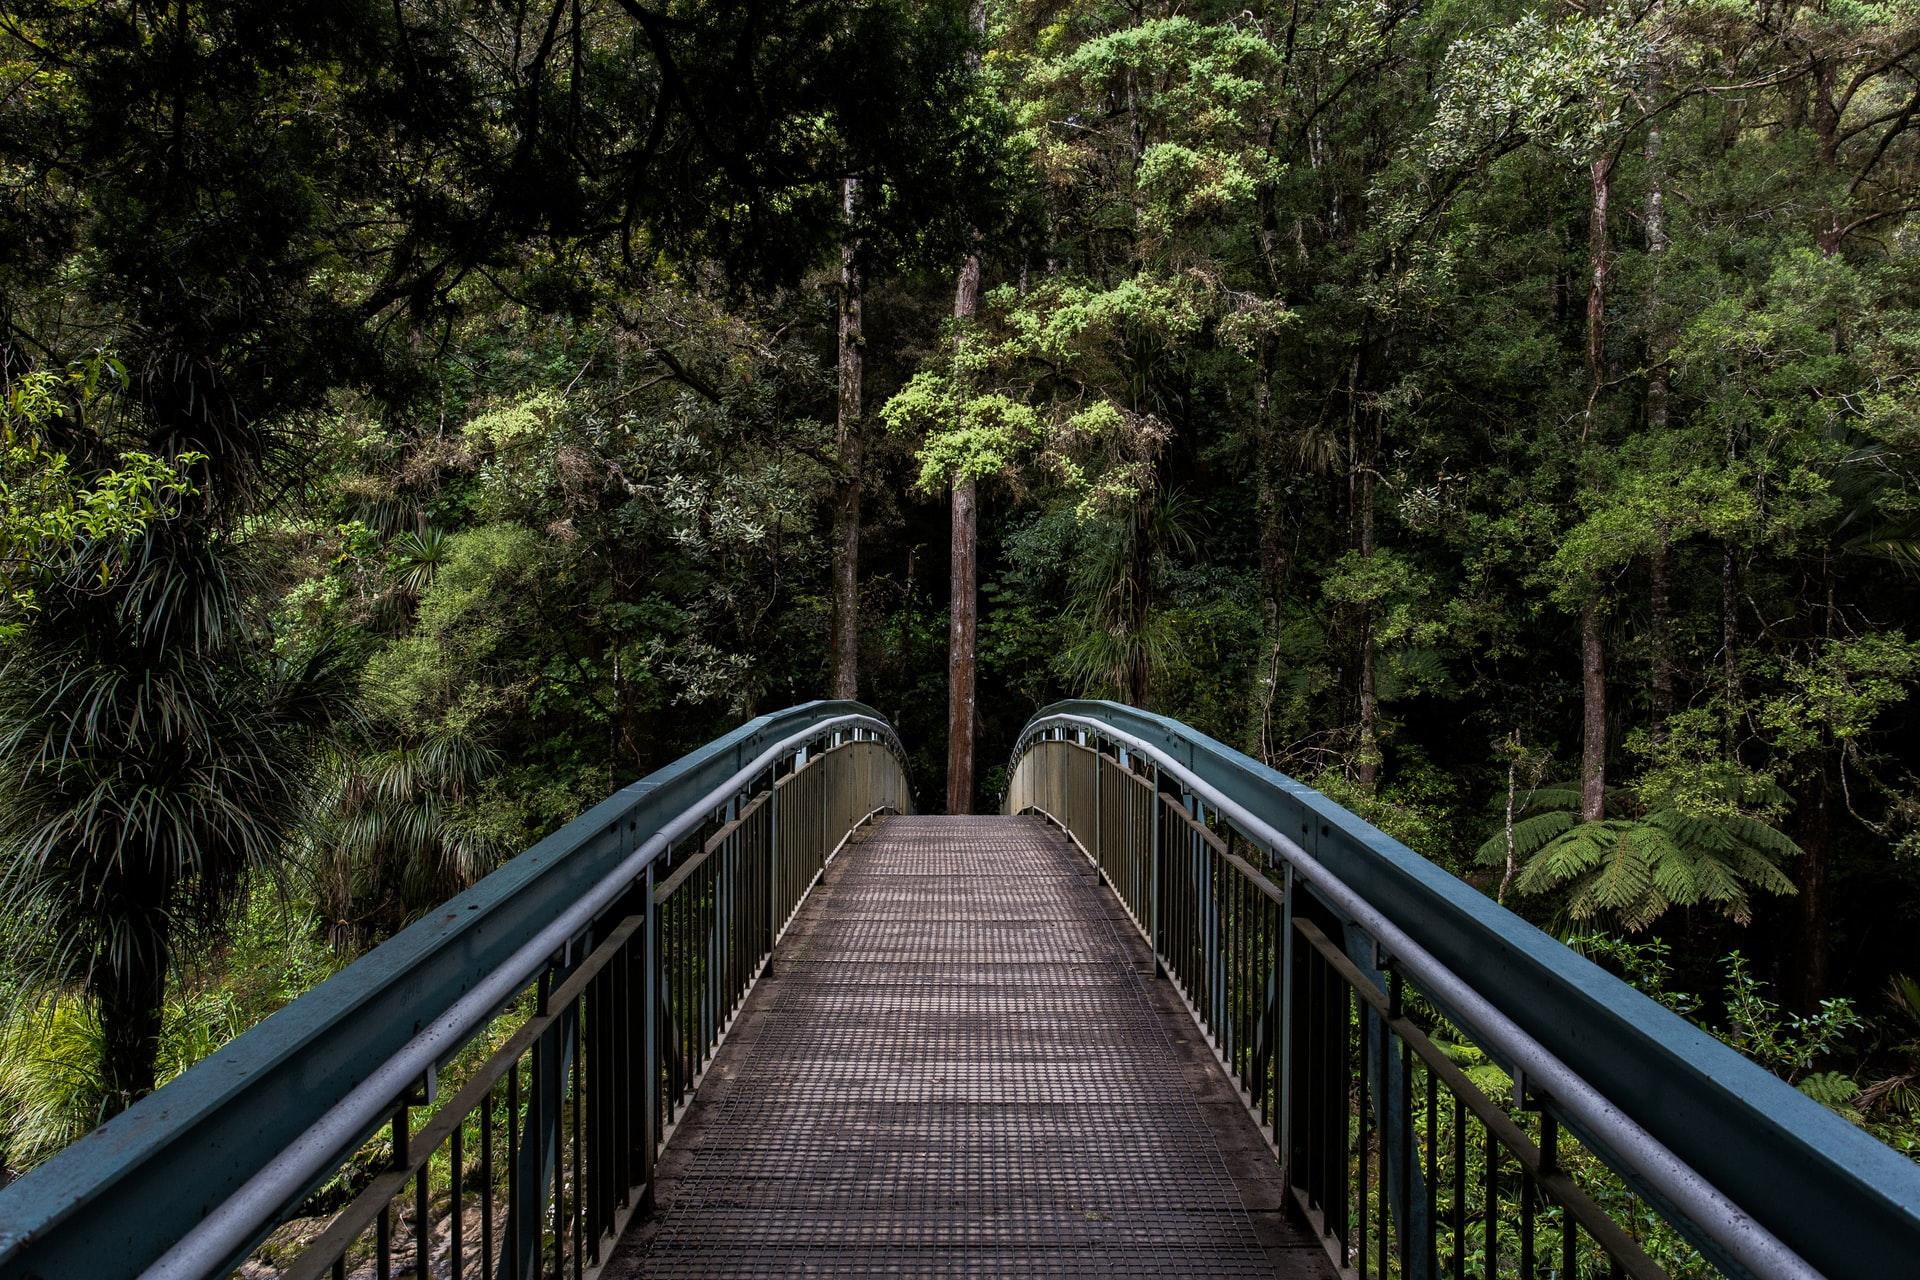 La hipoteca puente: ¿qué es?